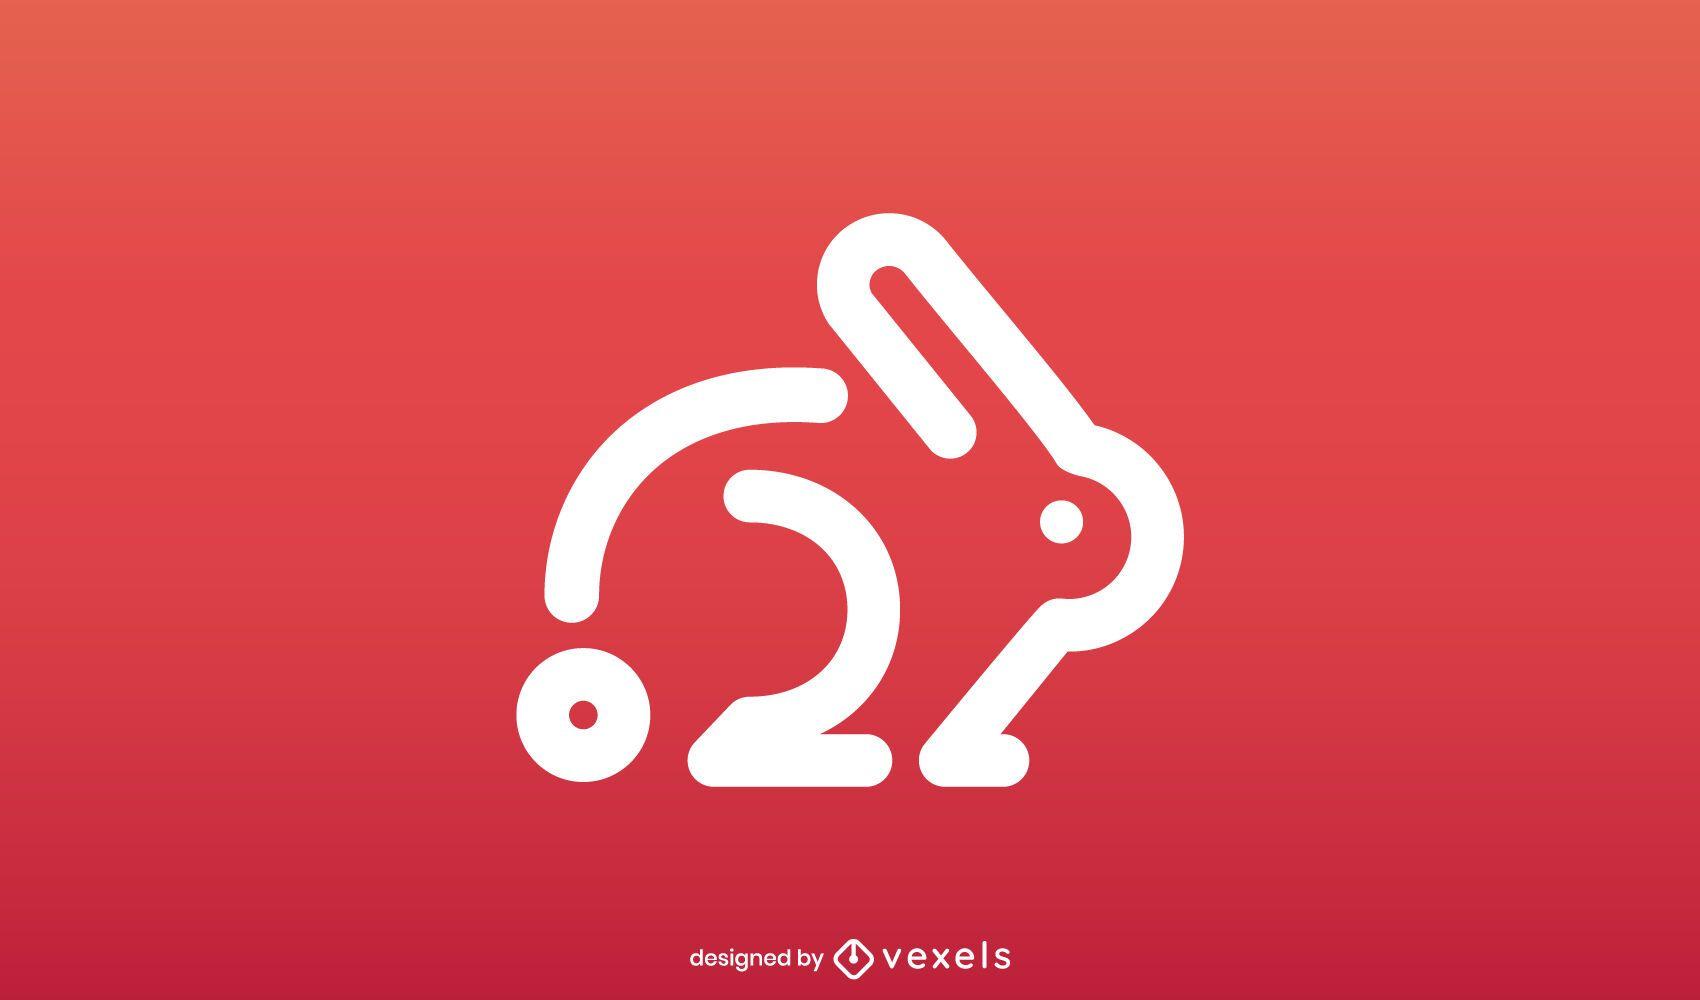 Plantilla de logotipo de conejo minimalista